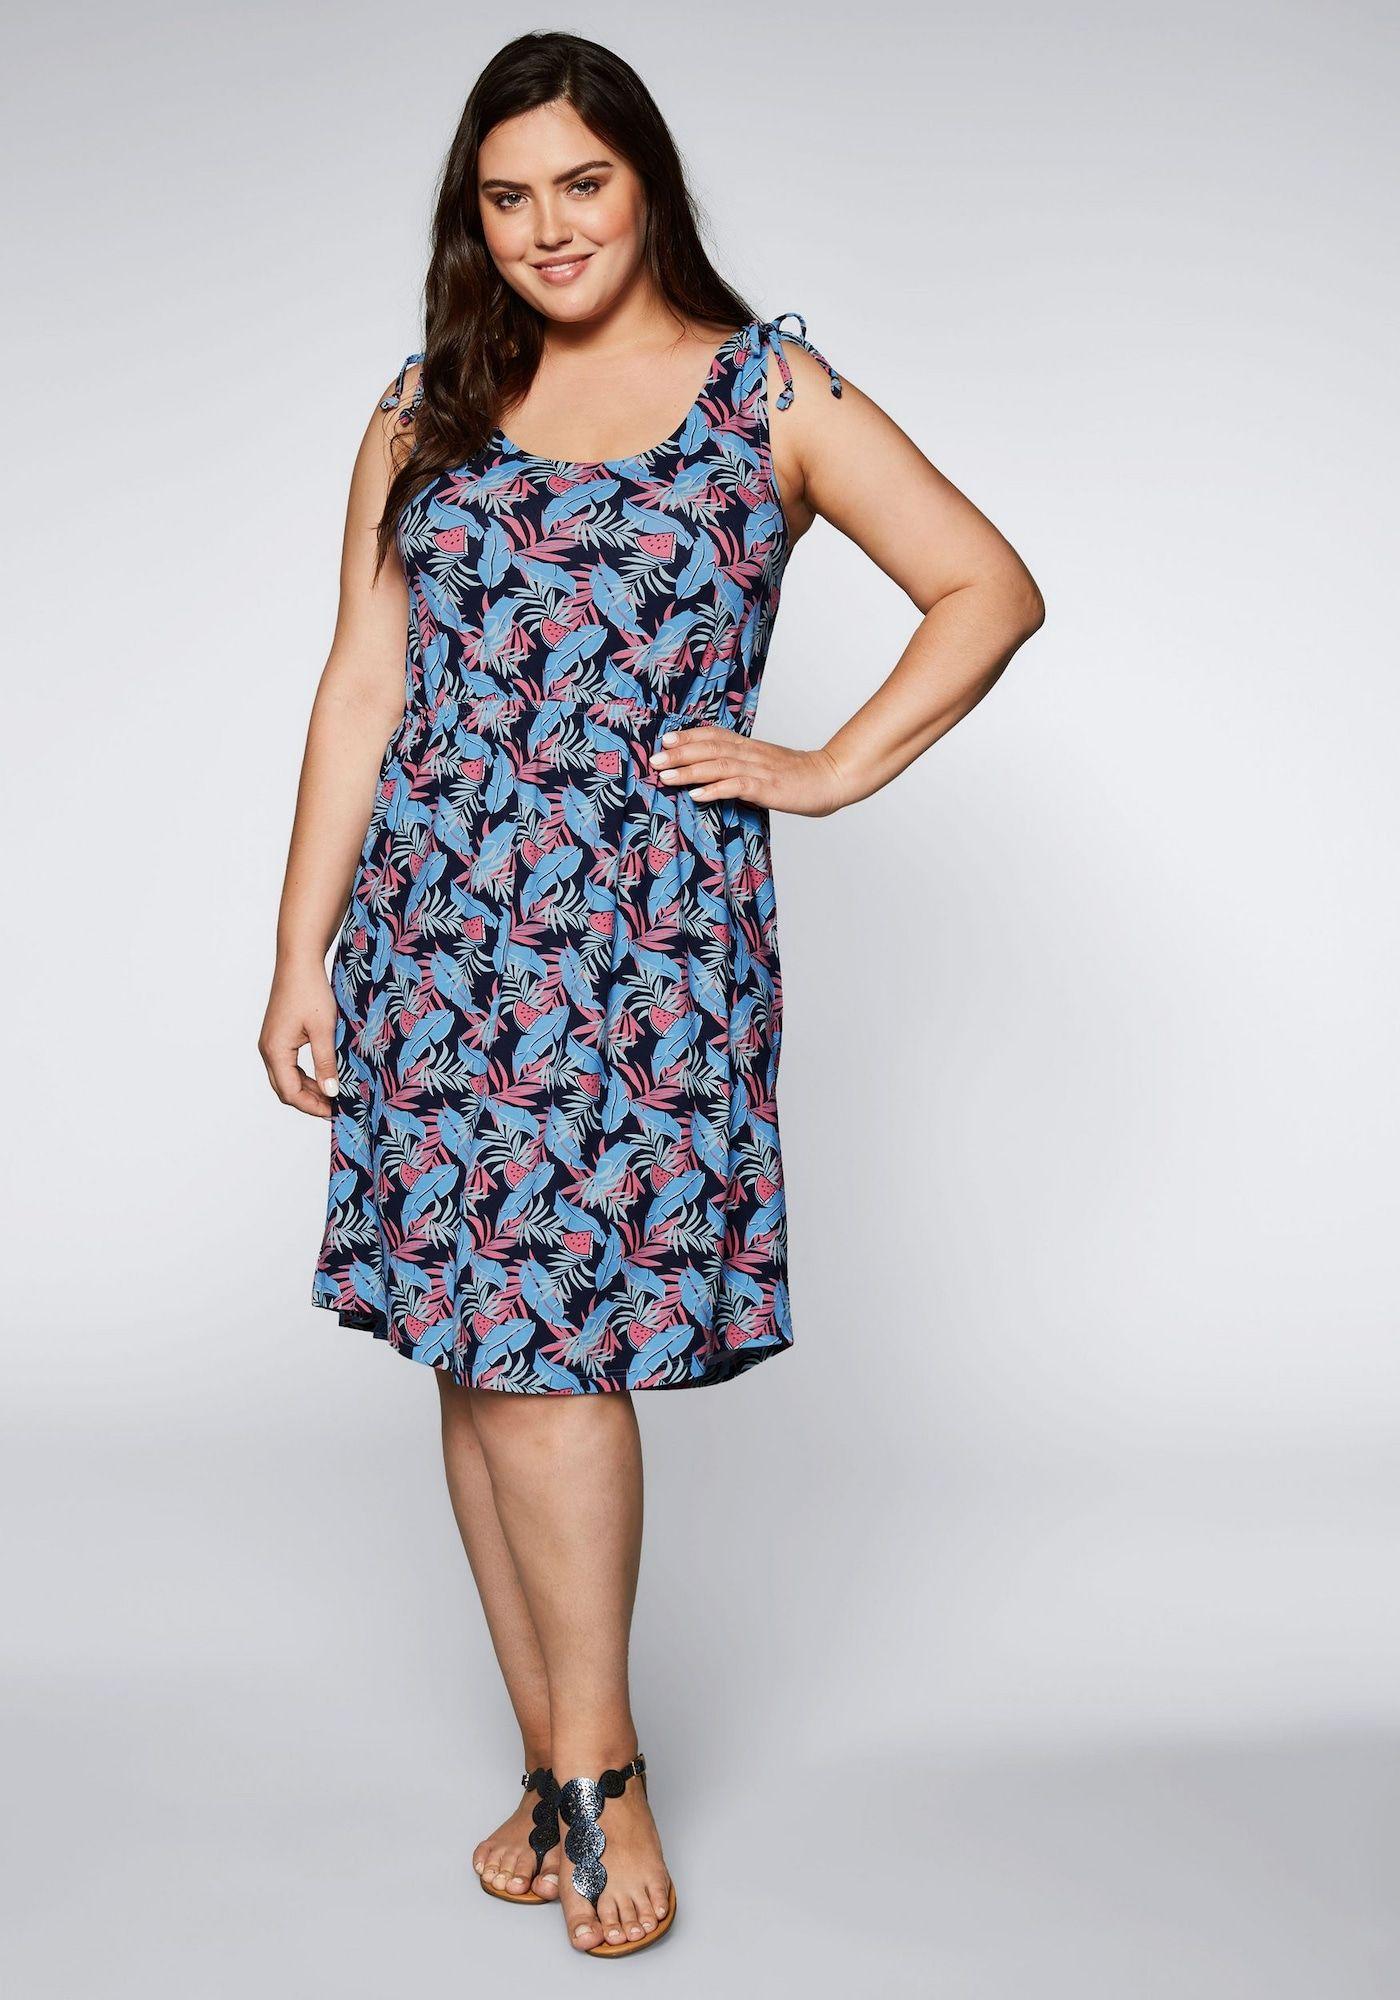 SHEEGO Sommerkleid Damen, bunt, Größe 20  Sommerkleid, Kleider